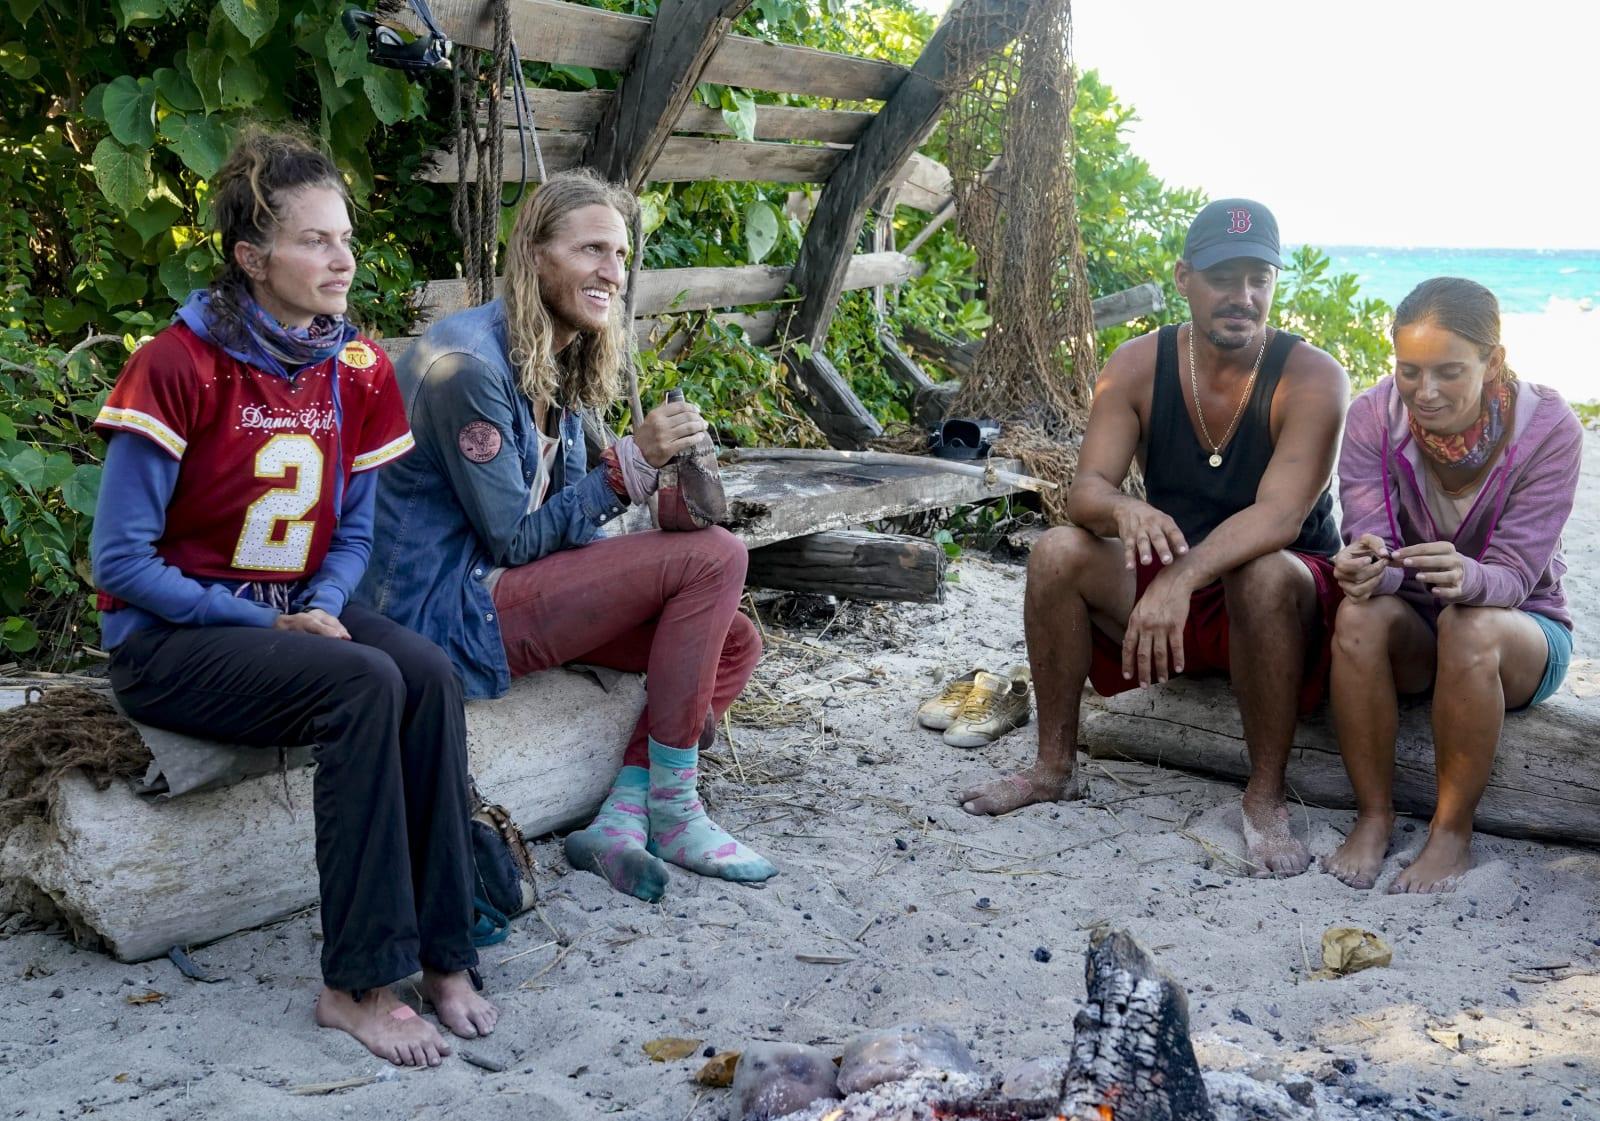 Edge of Extinction Survivor Winners at War episode 7